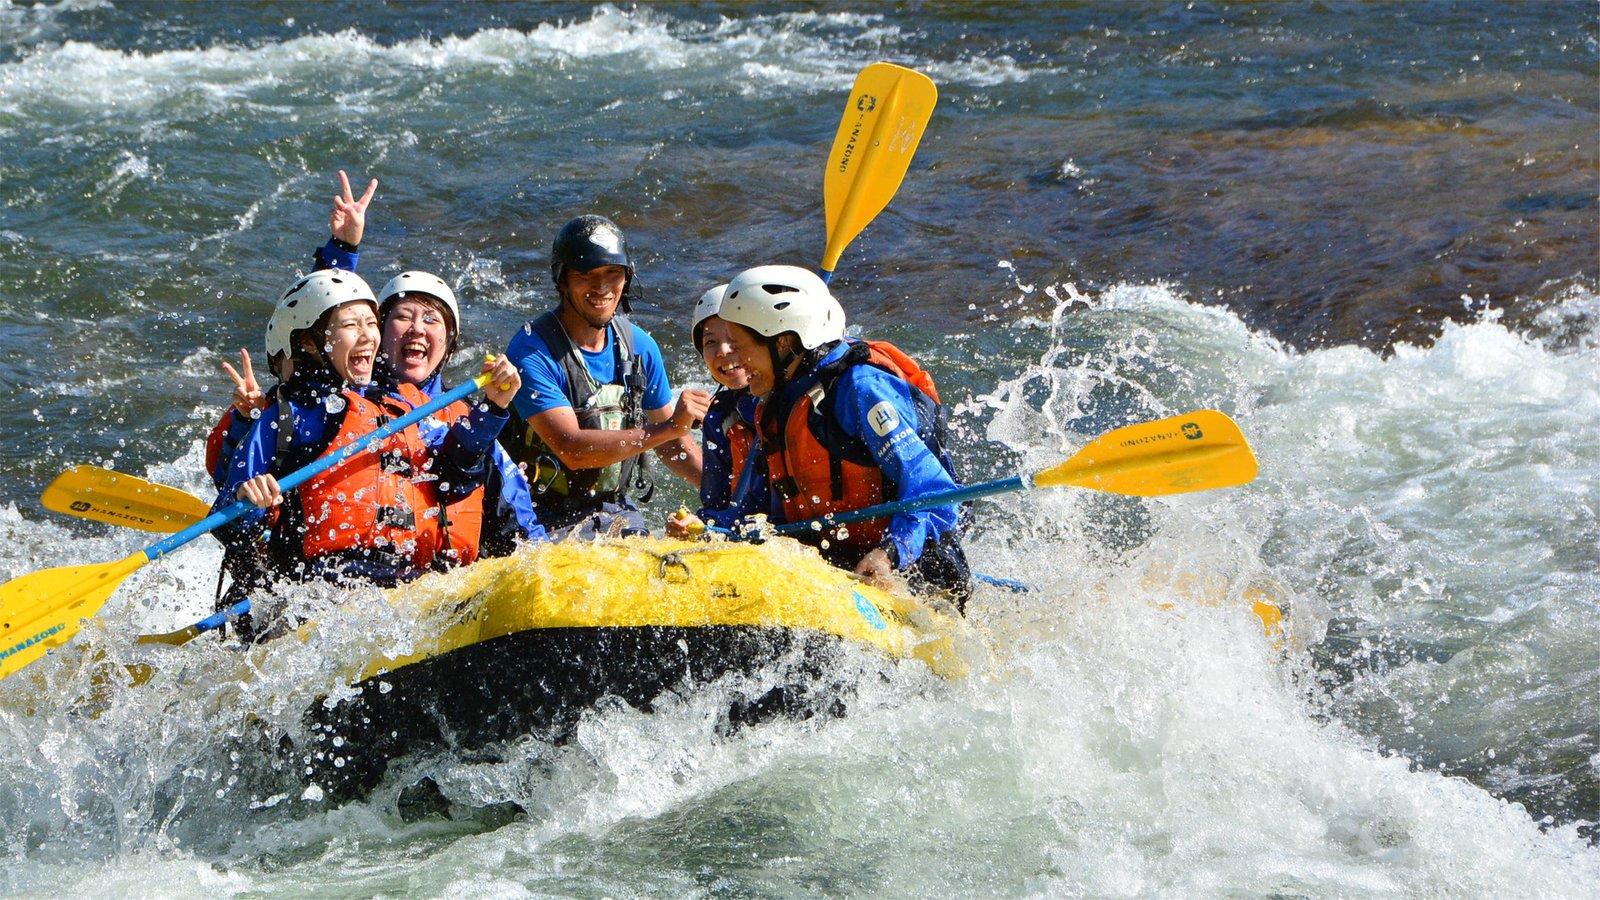 Whitewater rafting in Niseko, Hokkaido